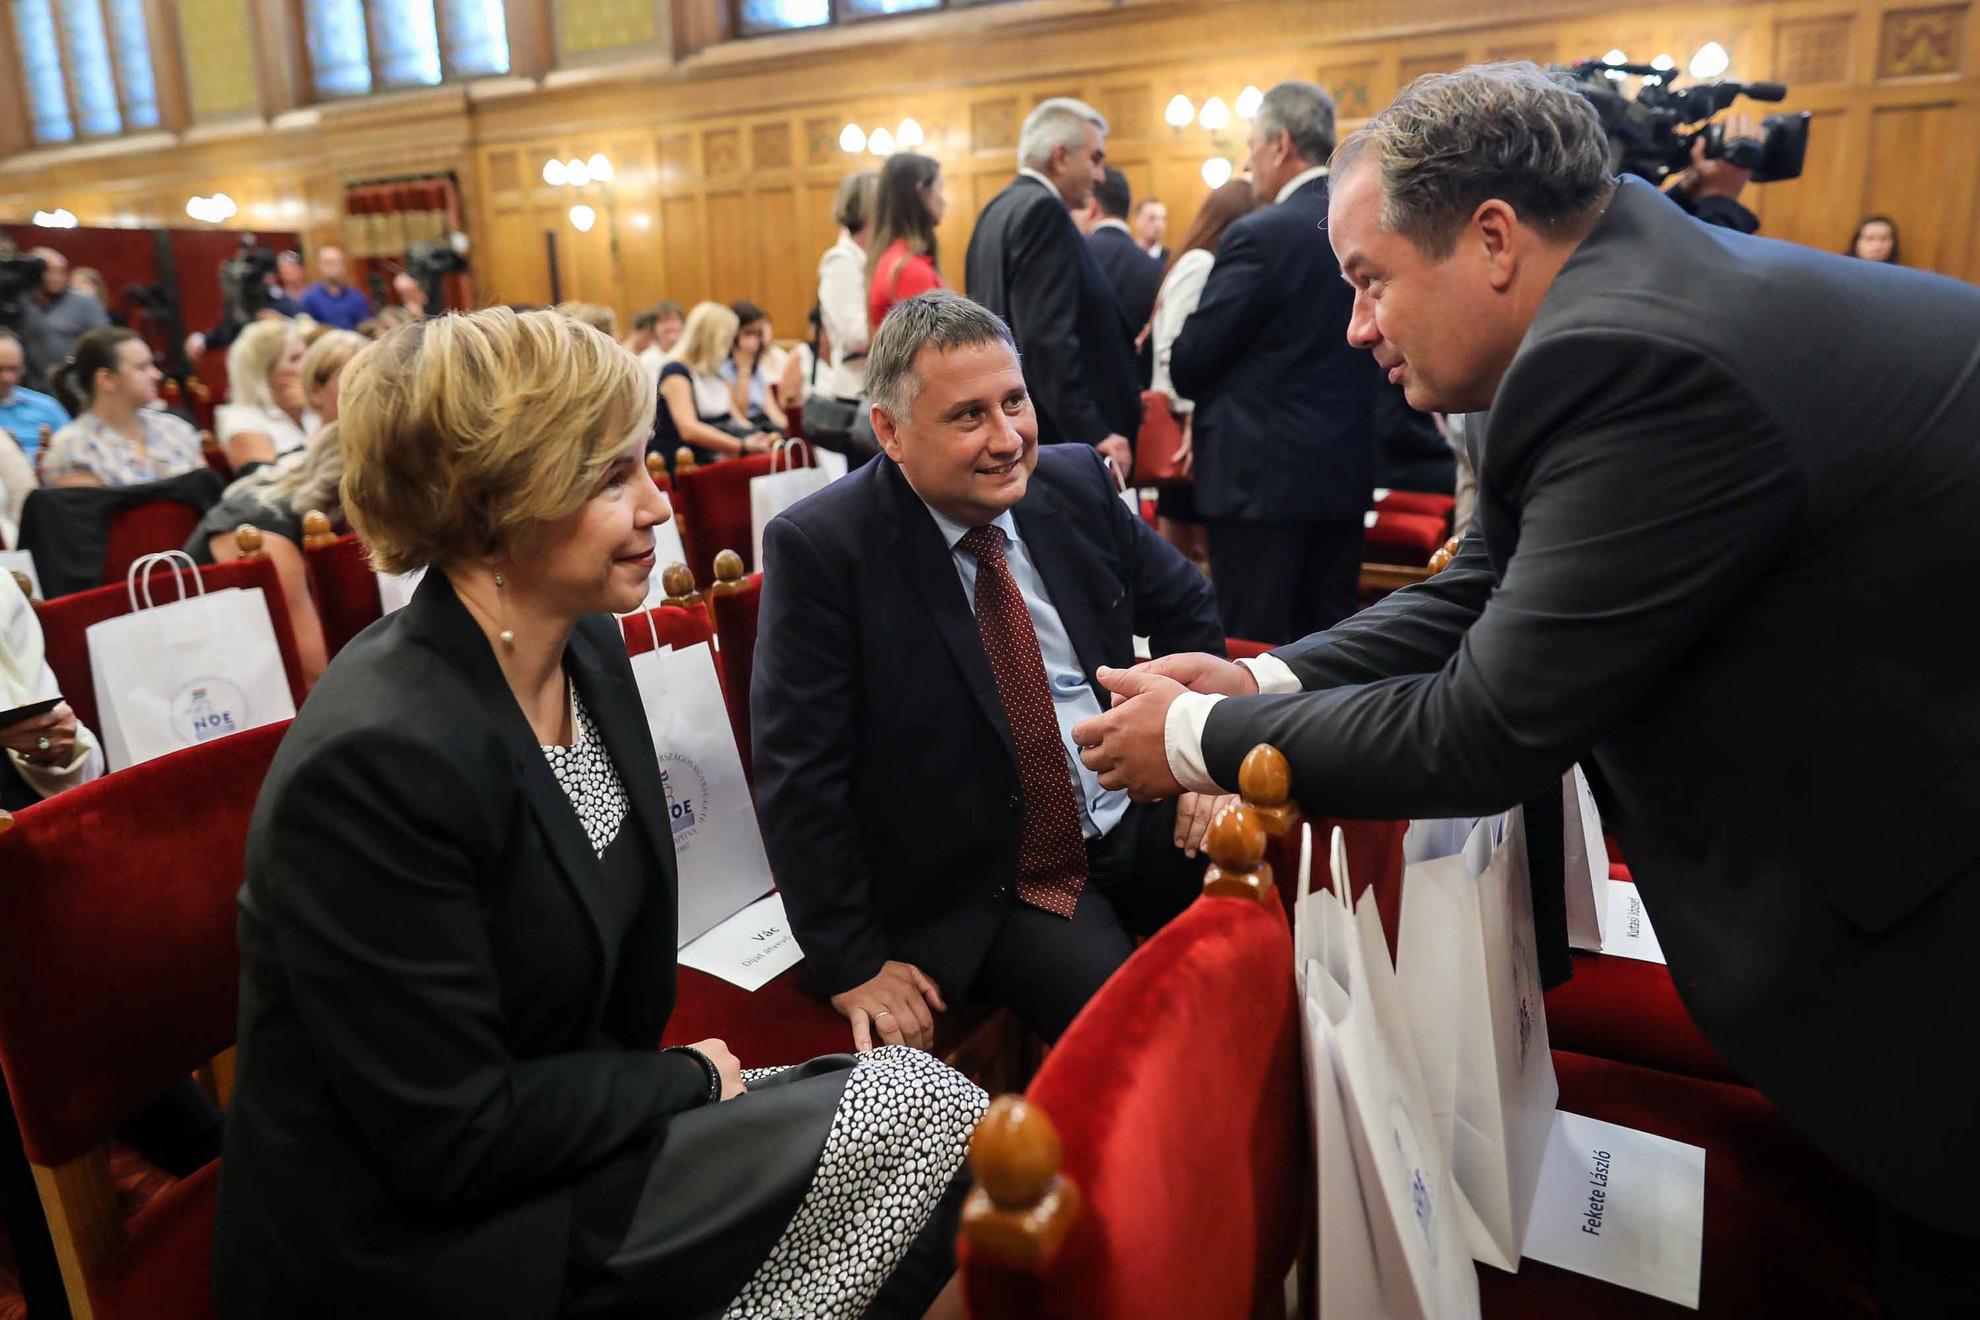 Konferenciát tartott a Nagycsaládosok Országos Egyesülete (NOE) és a Kopp Mária intézet